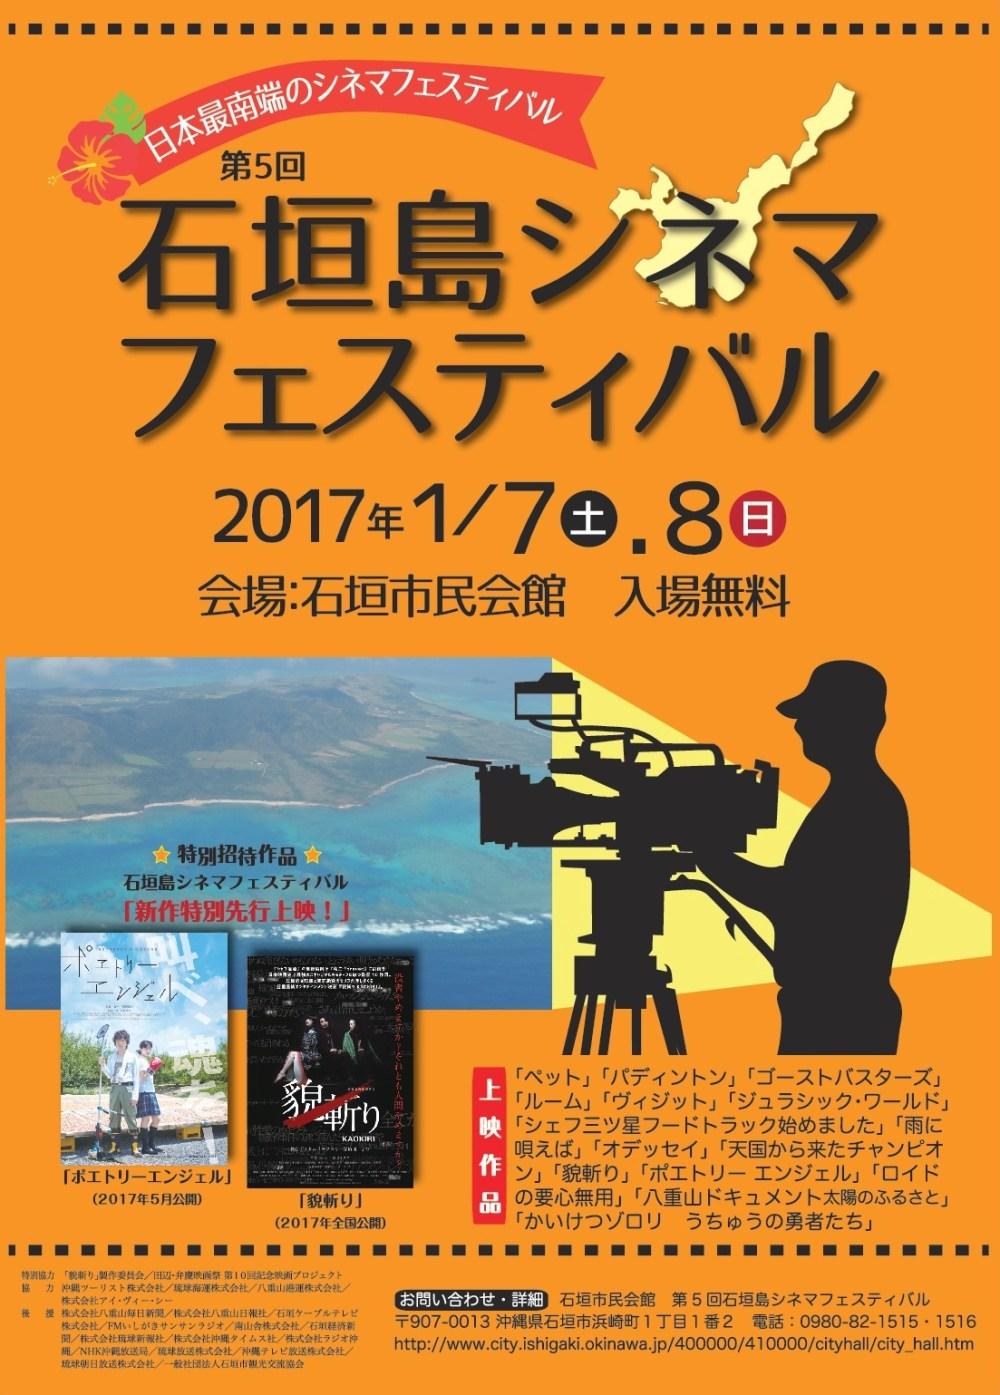 第5回石垣島シネマフェスティバルのフライヤー